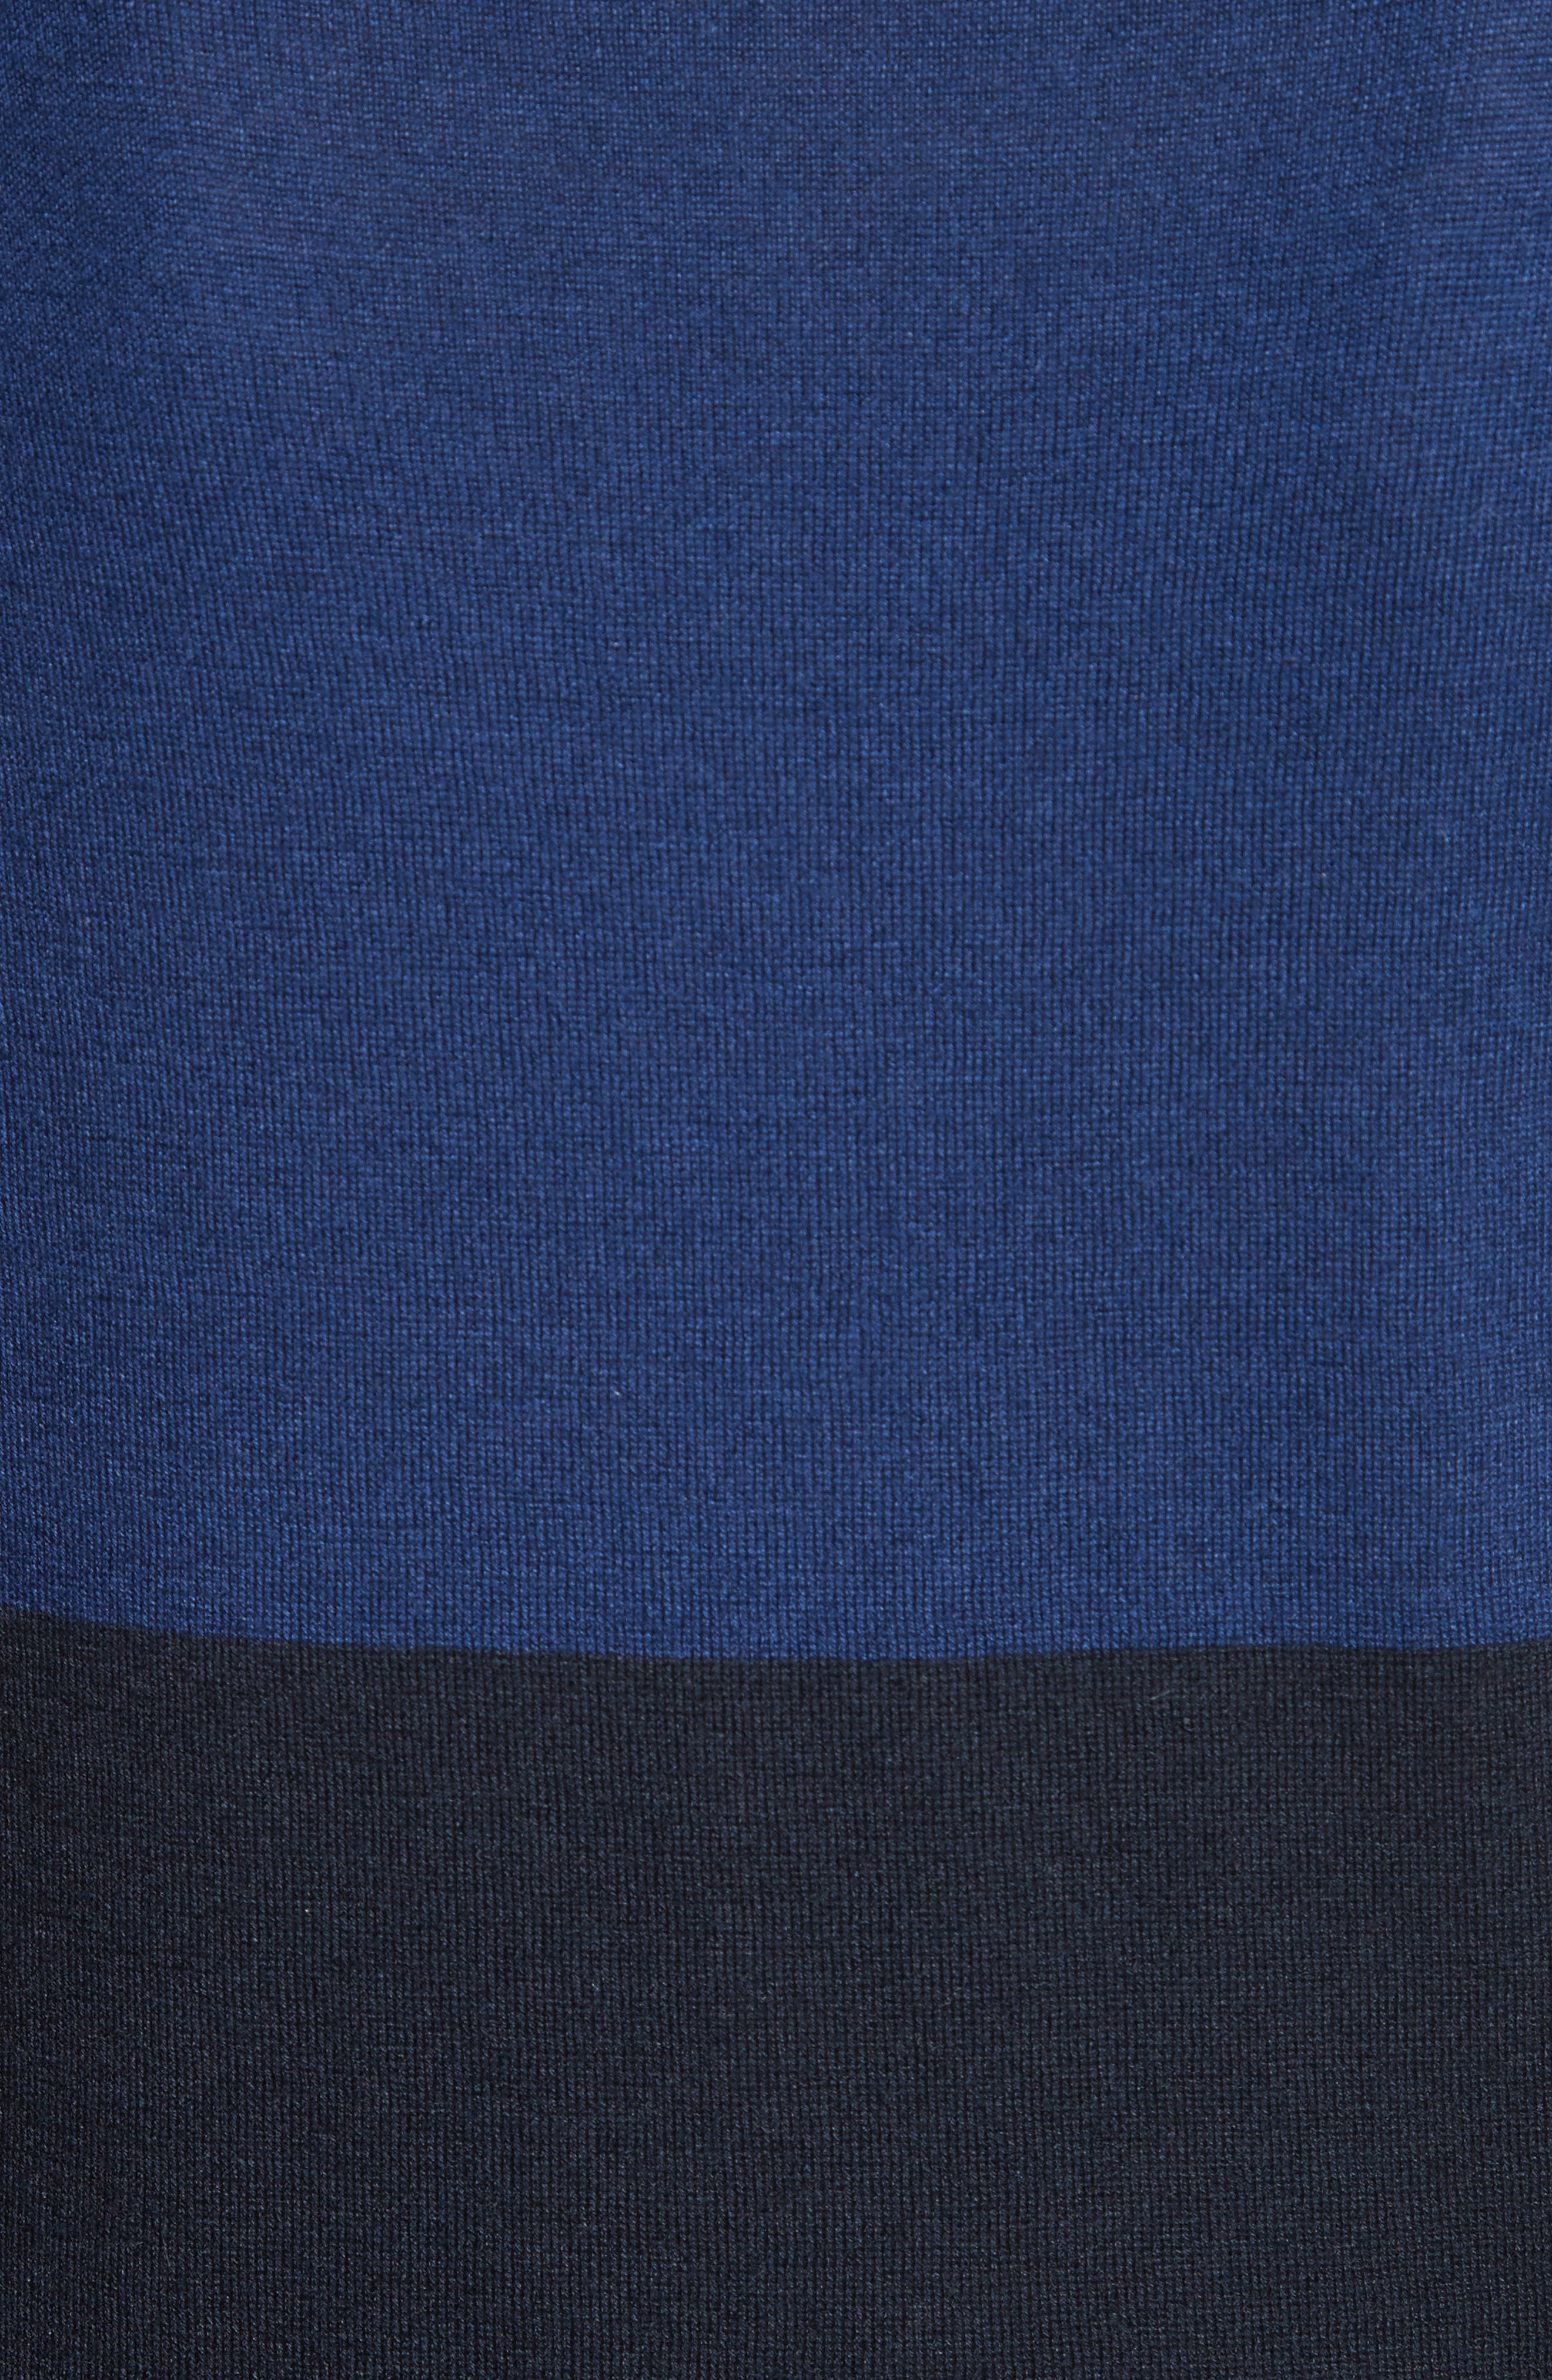 Alternate Image 3  - Max Mara Colimbo Silk & Cashmere Top